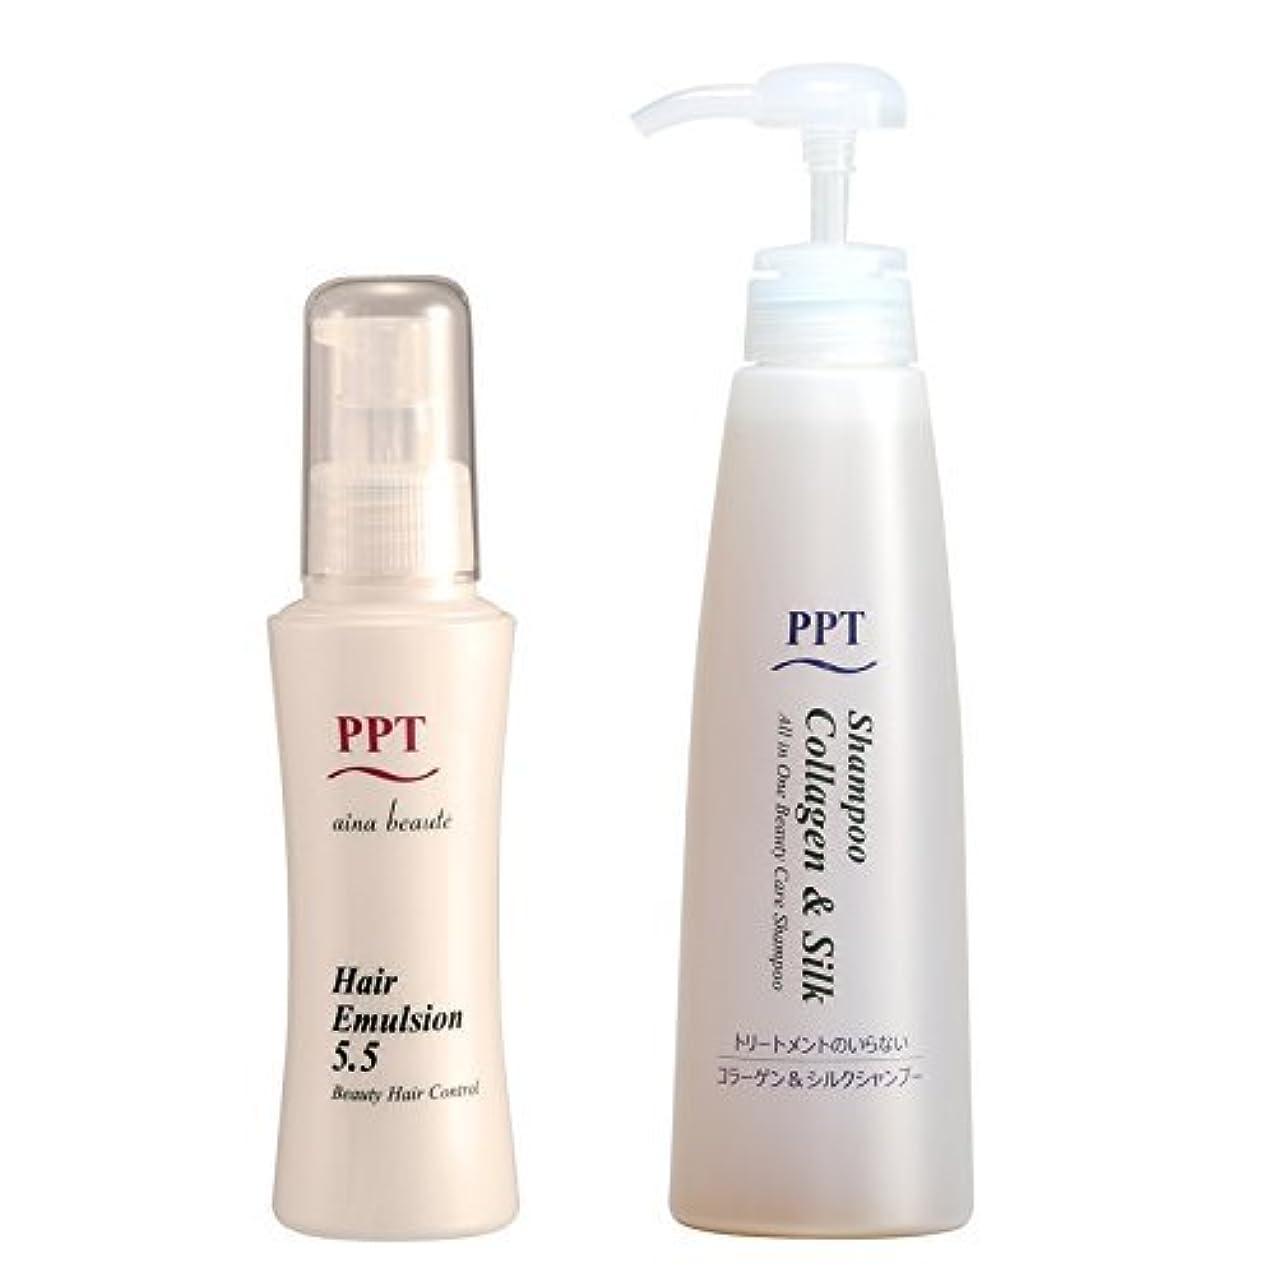 アパル知っているに立ち寄るアピールトリートメント不要 PPTコラーゲン&シルクシャンプー脂性肌~普通肌用(ふんわり)、PPTヘアエマルジョン5.5セット